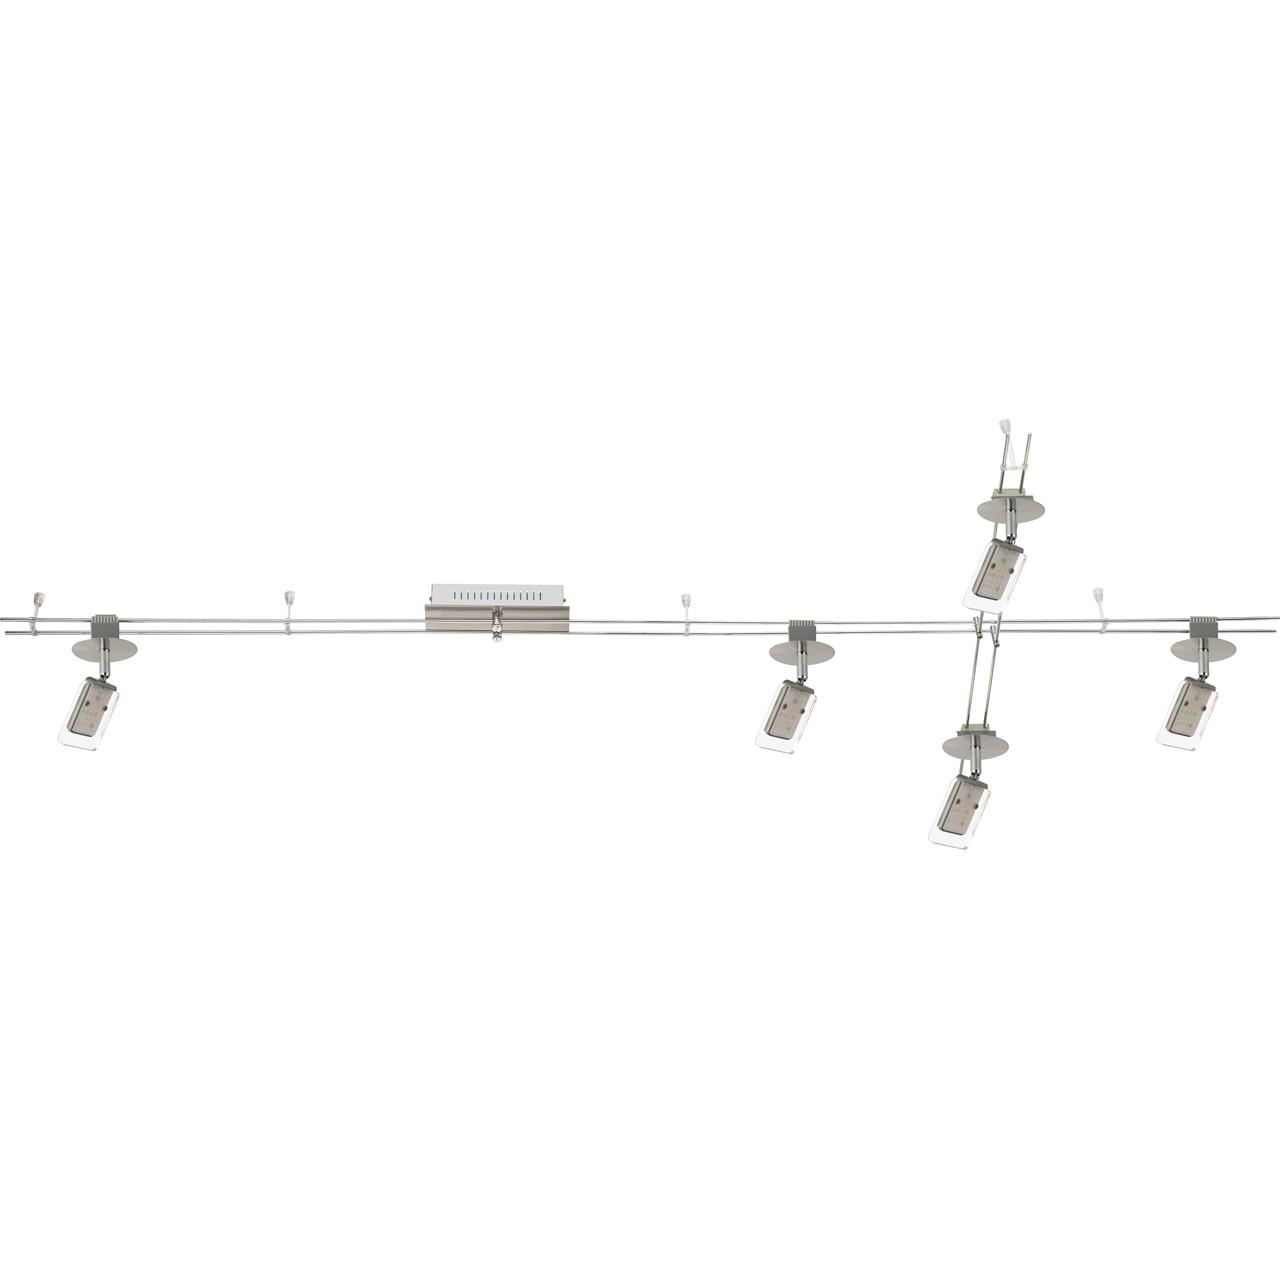 Светильник-трек De markt 550011405 5/4w led светильник трек de markt 550011605 5 4w led